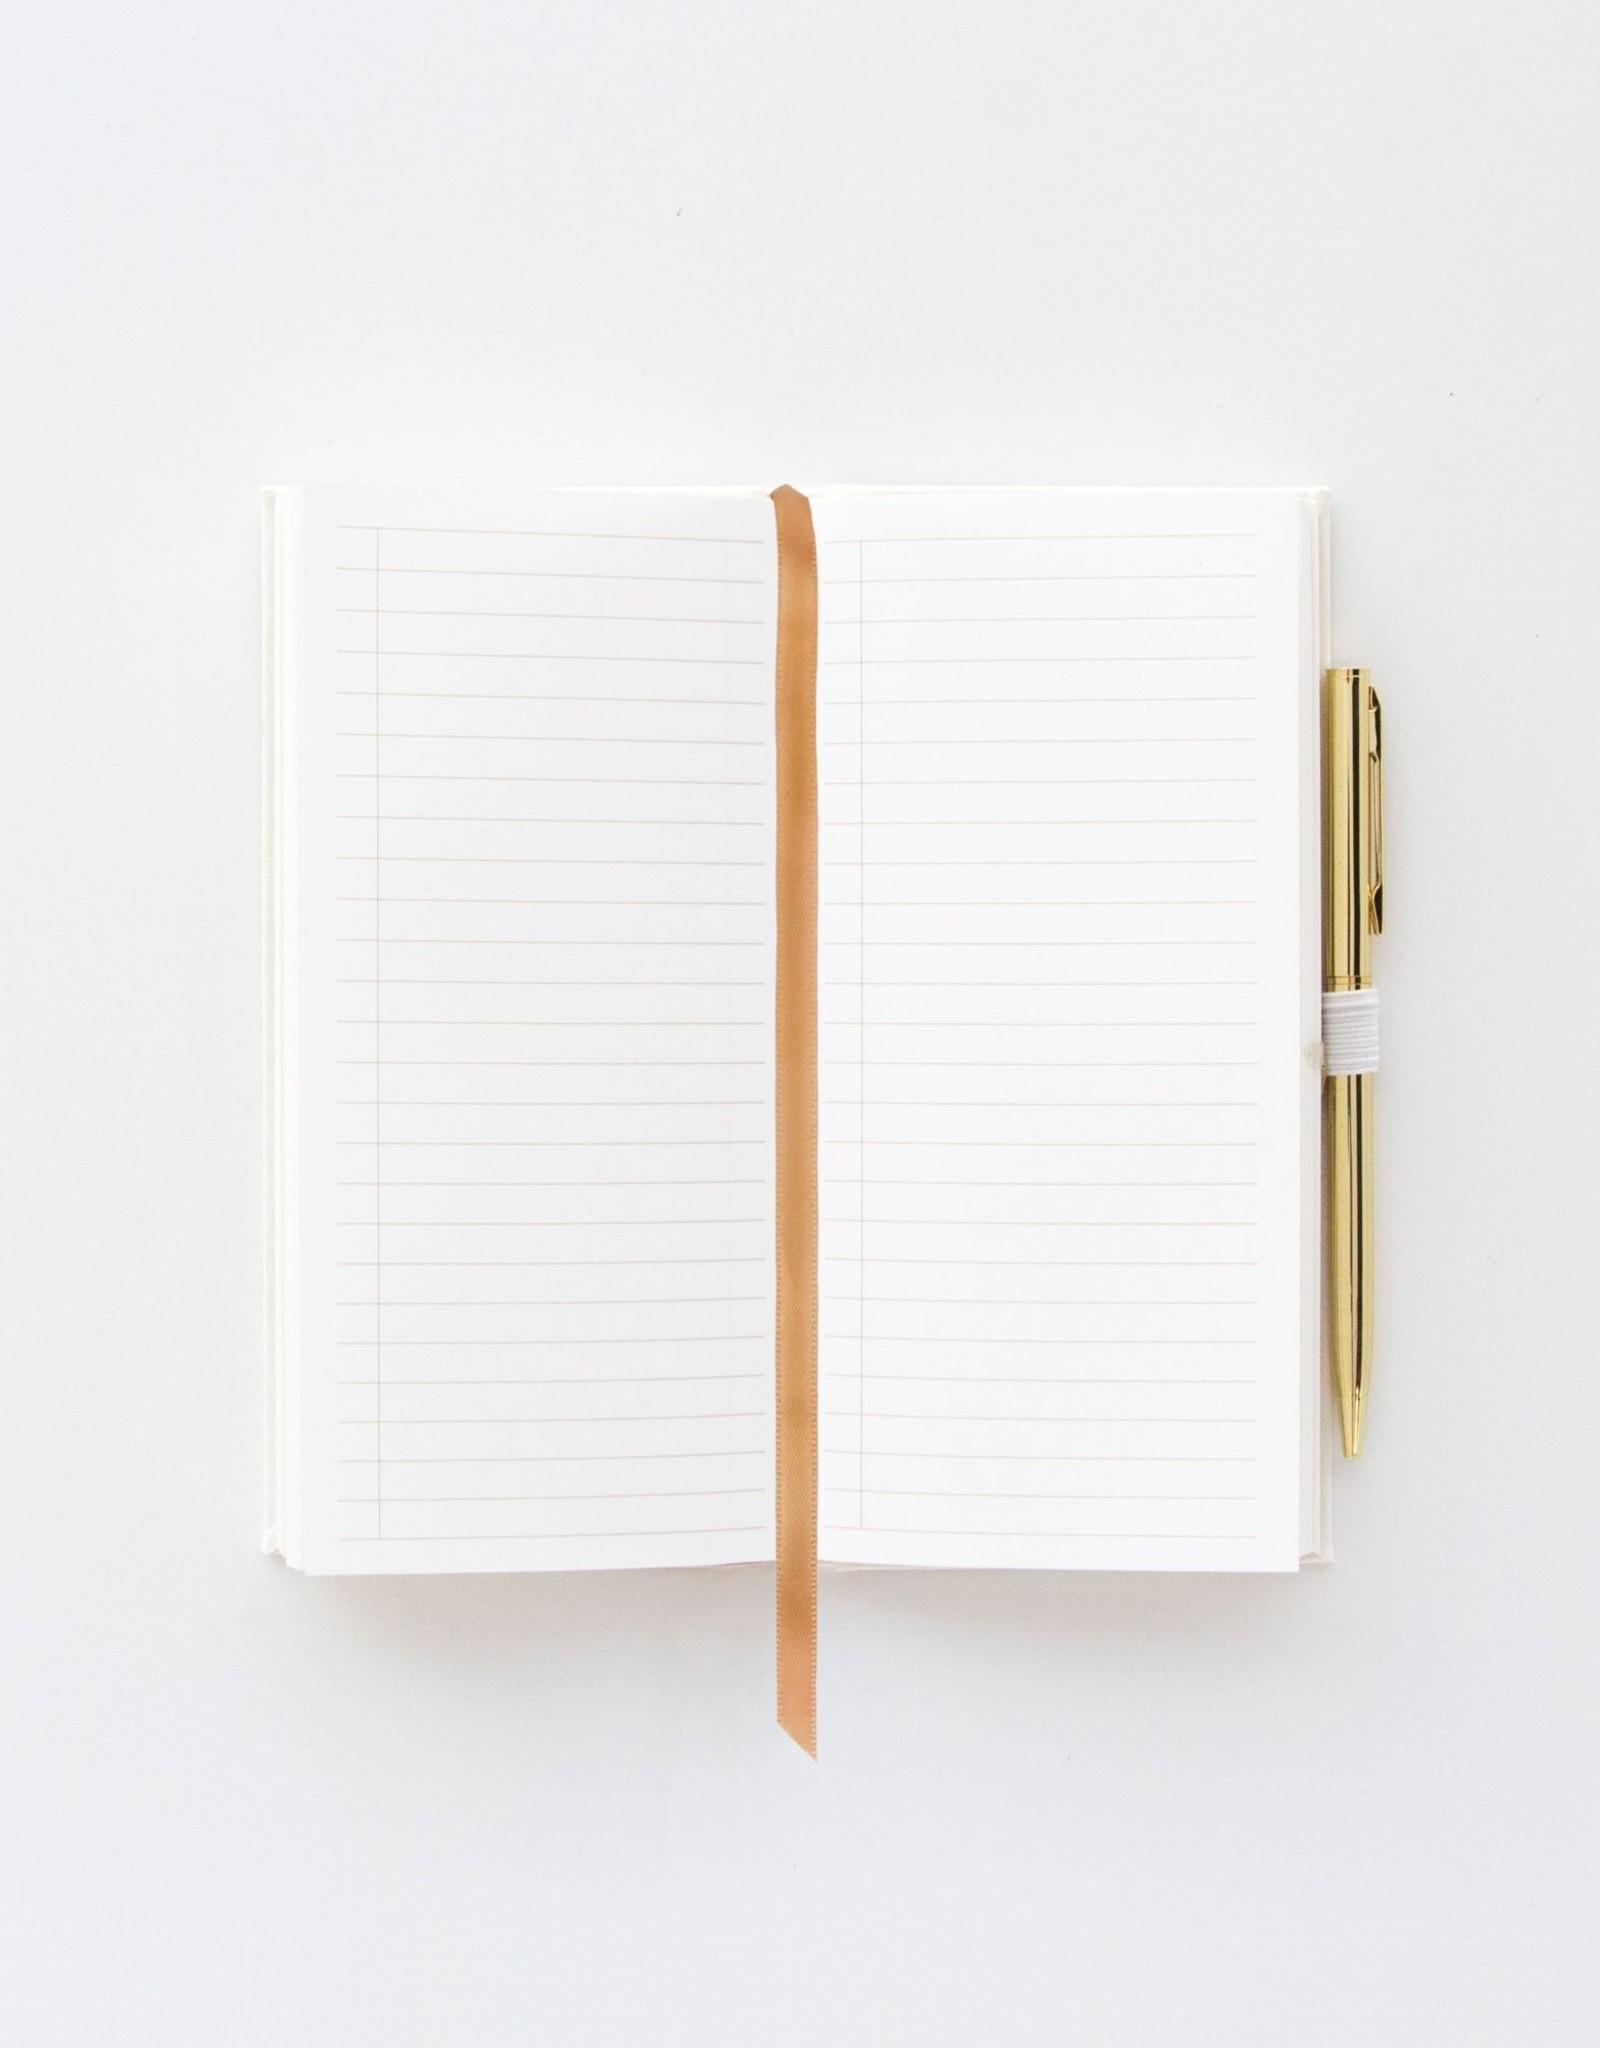 Designworks Ink Designworks Ink Skinny Journal + Pen